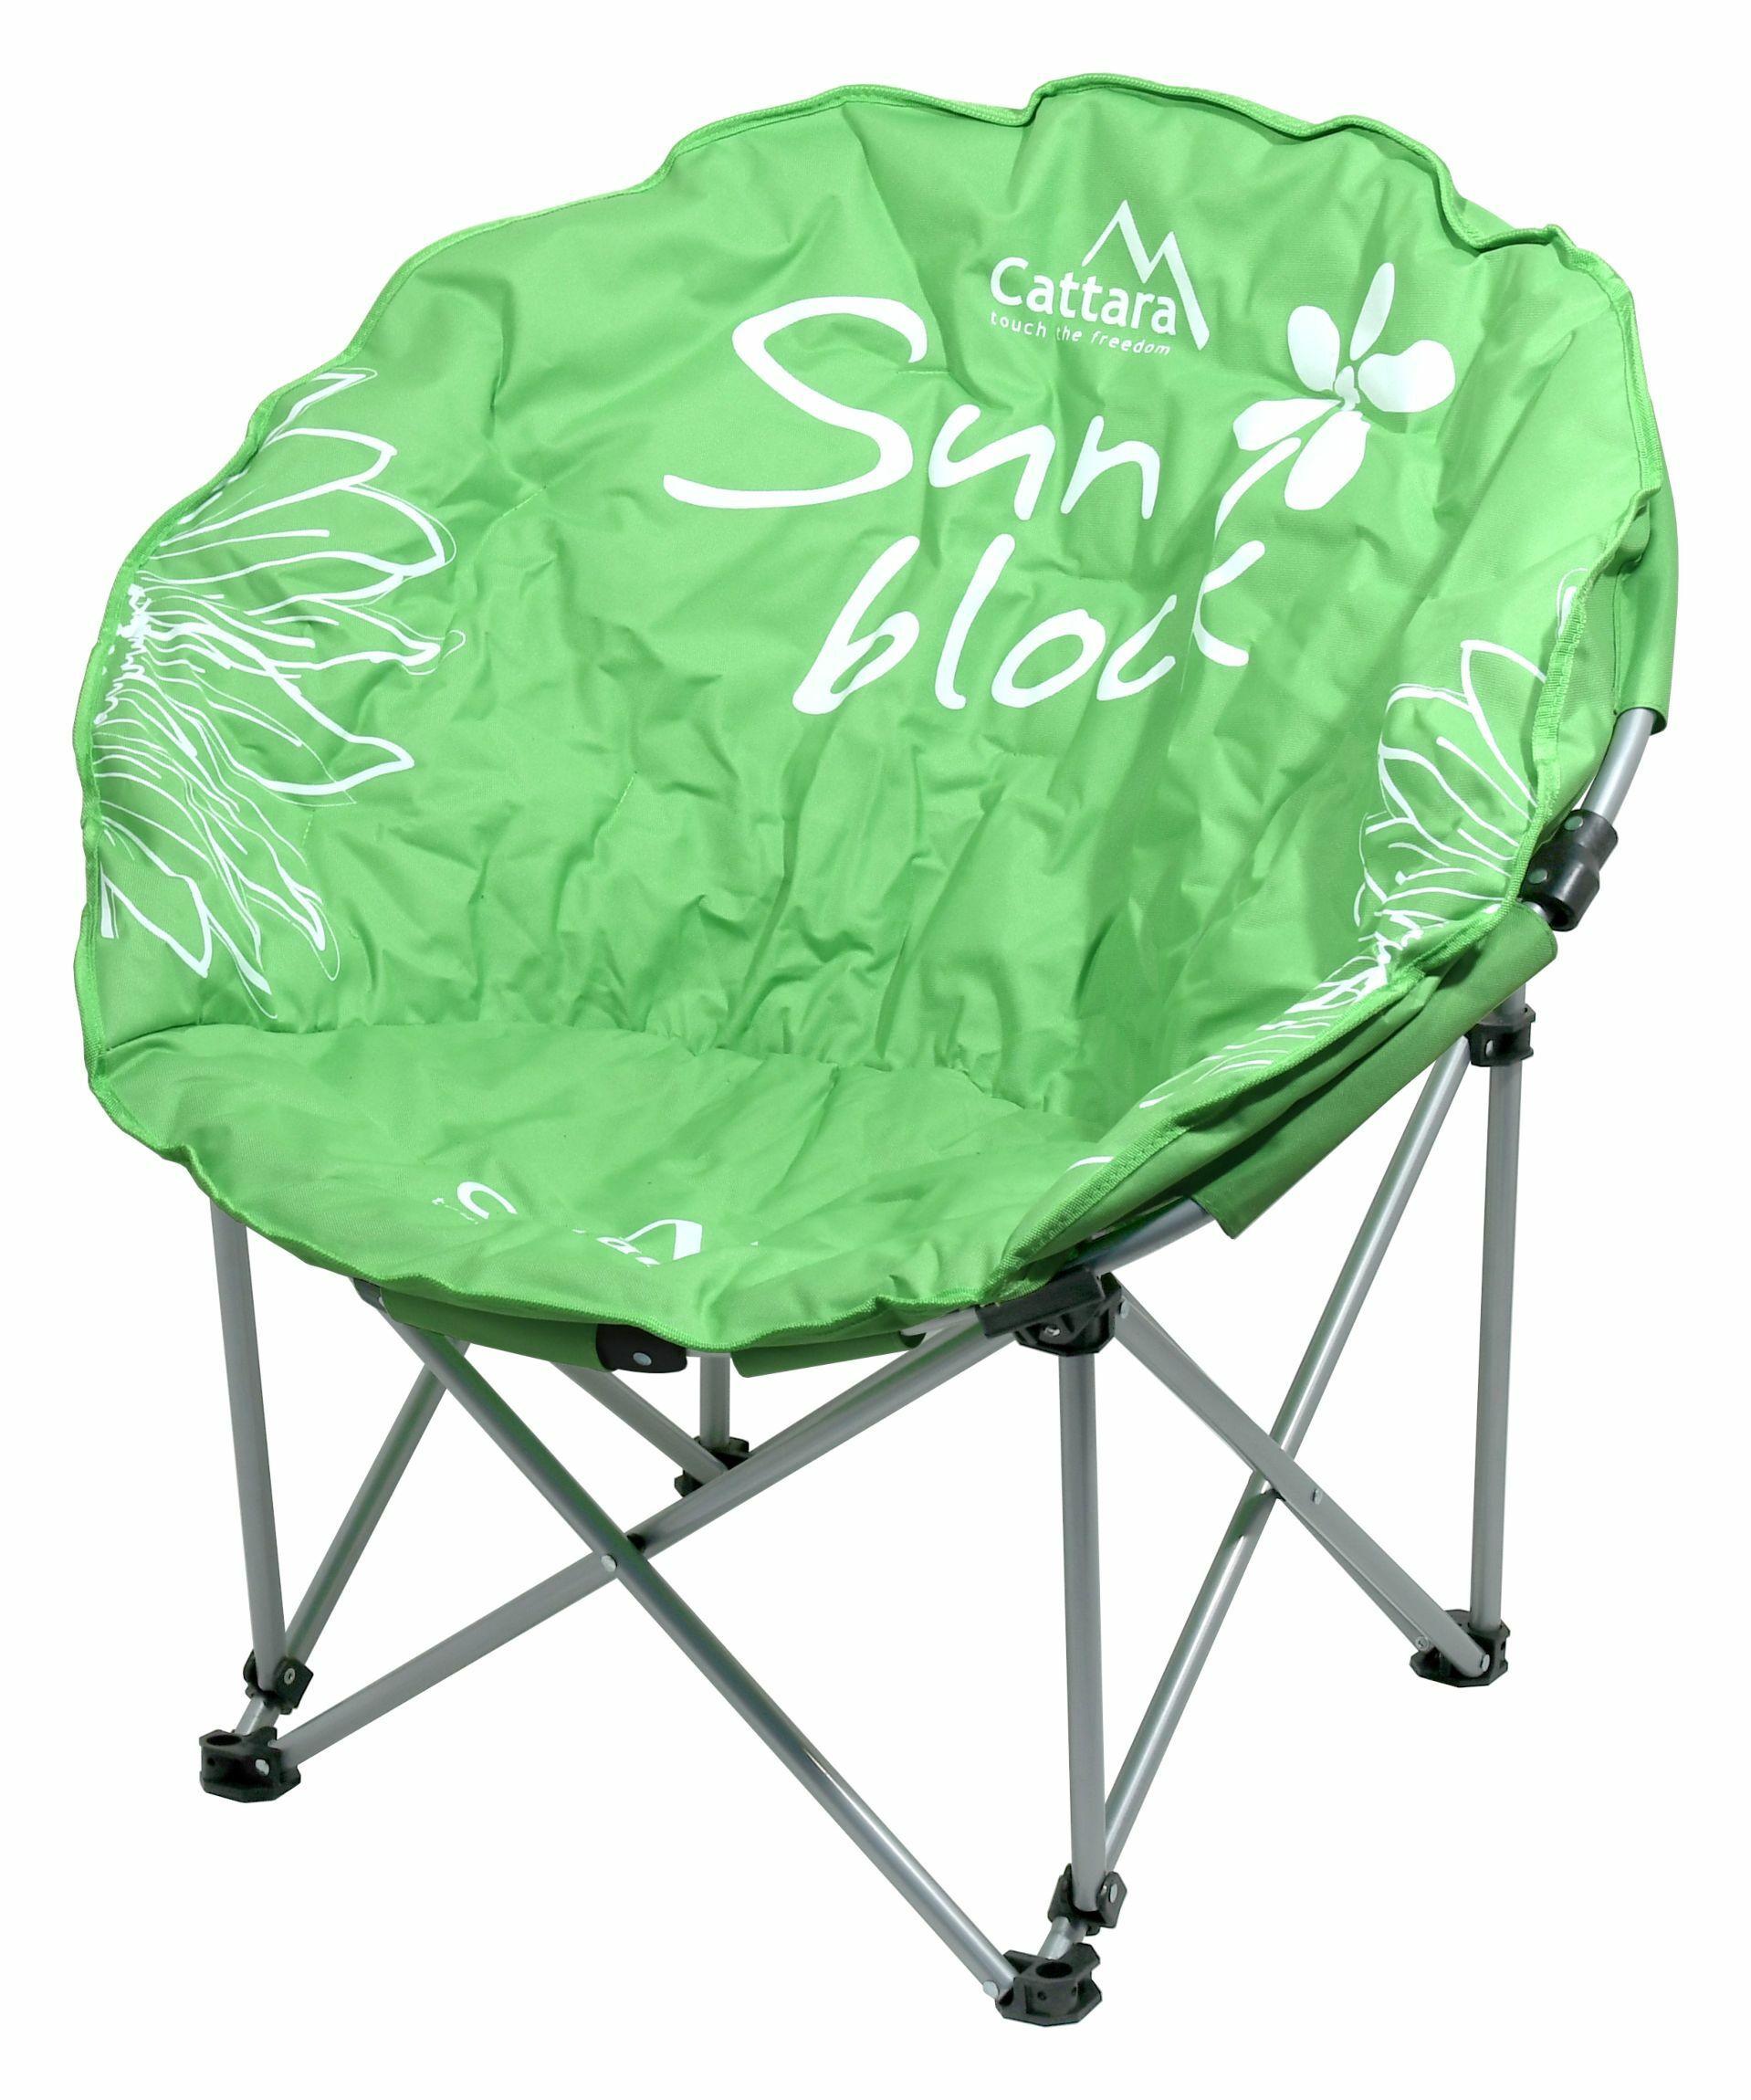 Židle kempingová skládací FLOWERS zelená CATTARA